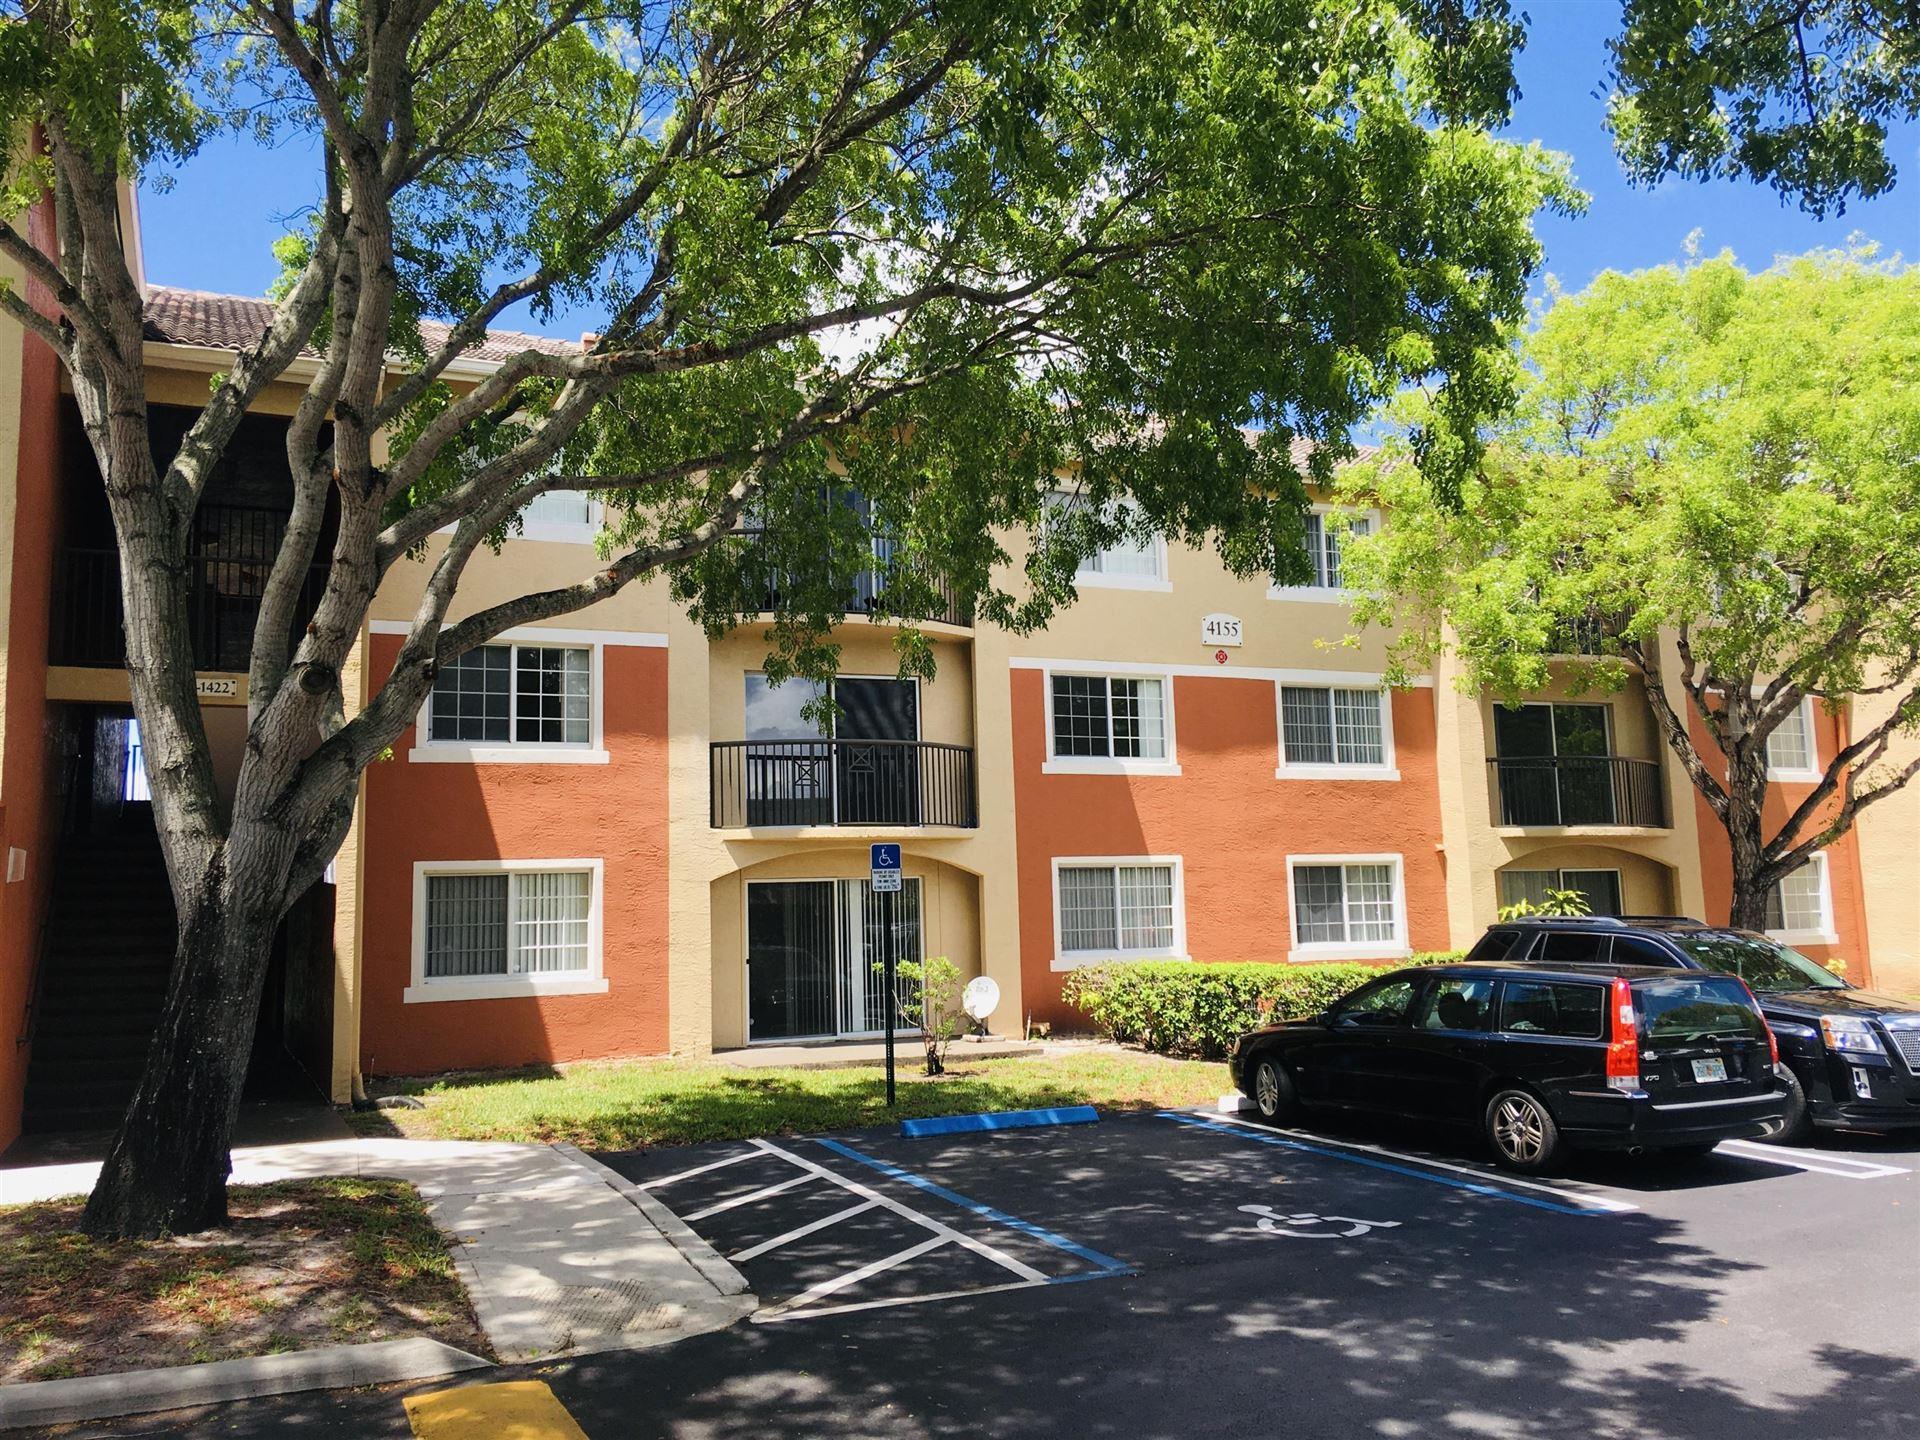 4155 N Haverhill Road #1415, West Palm Beach, FL 33417 - #: RX-10621948